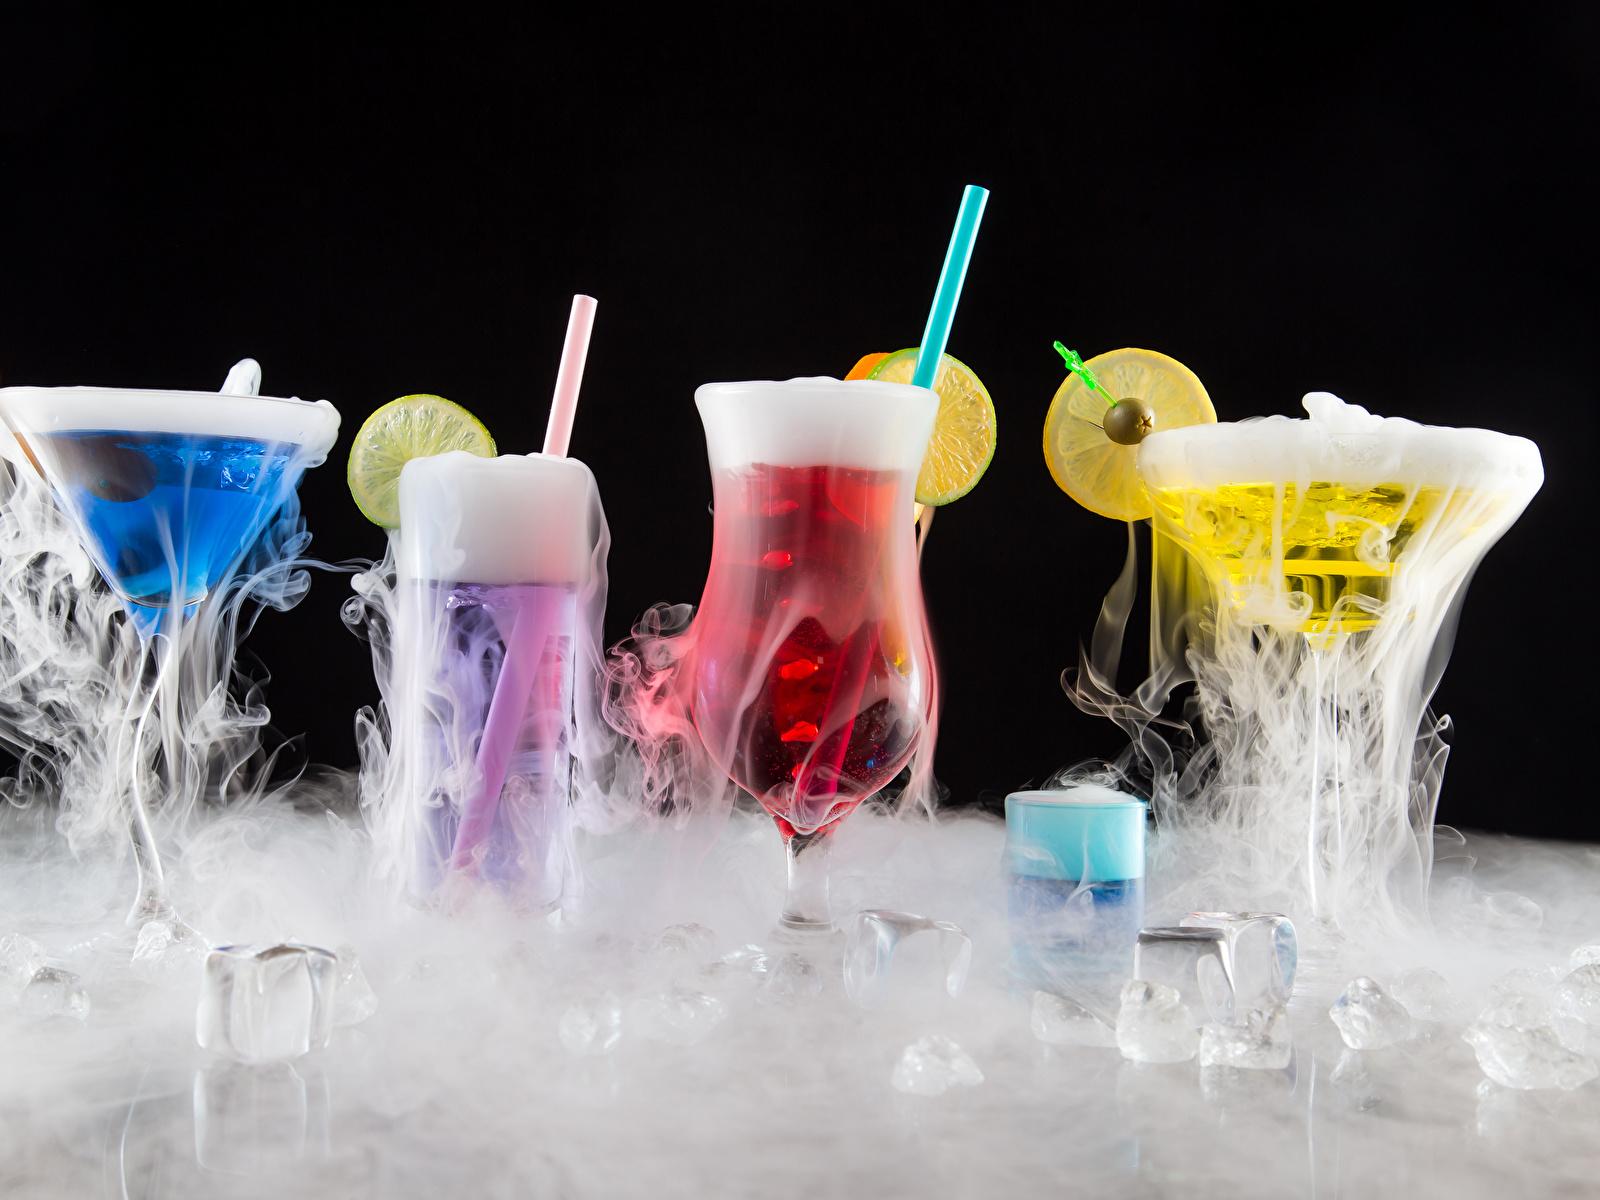 Фотография Алкогольные напитки Лед Еда пары бокал Коктейль Черный фон 1600x1200 льда Пар Пища паром Бокалы Продукты питания на черном фоне